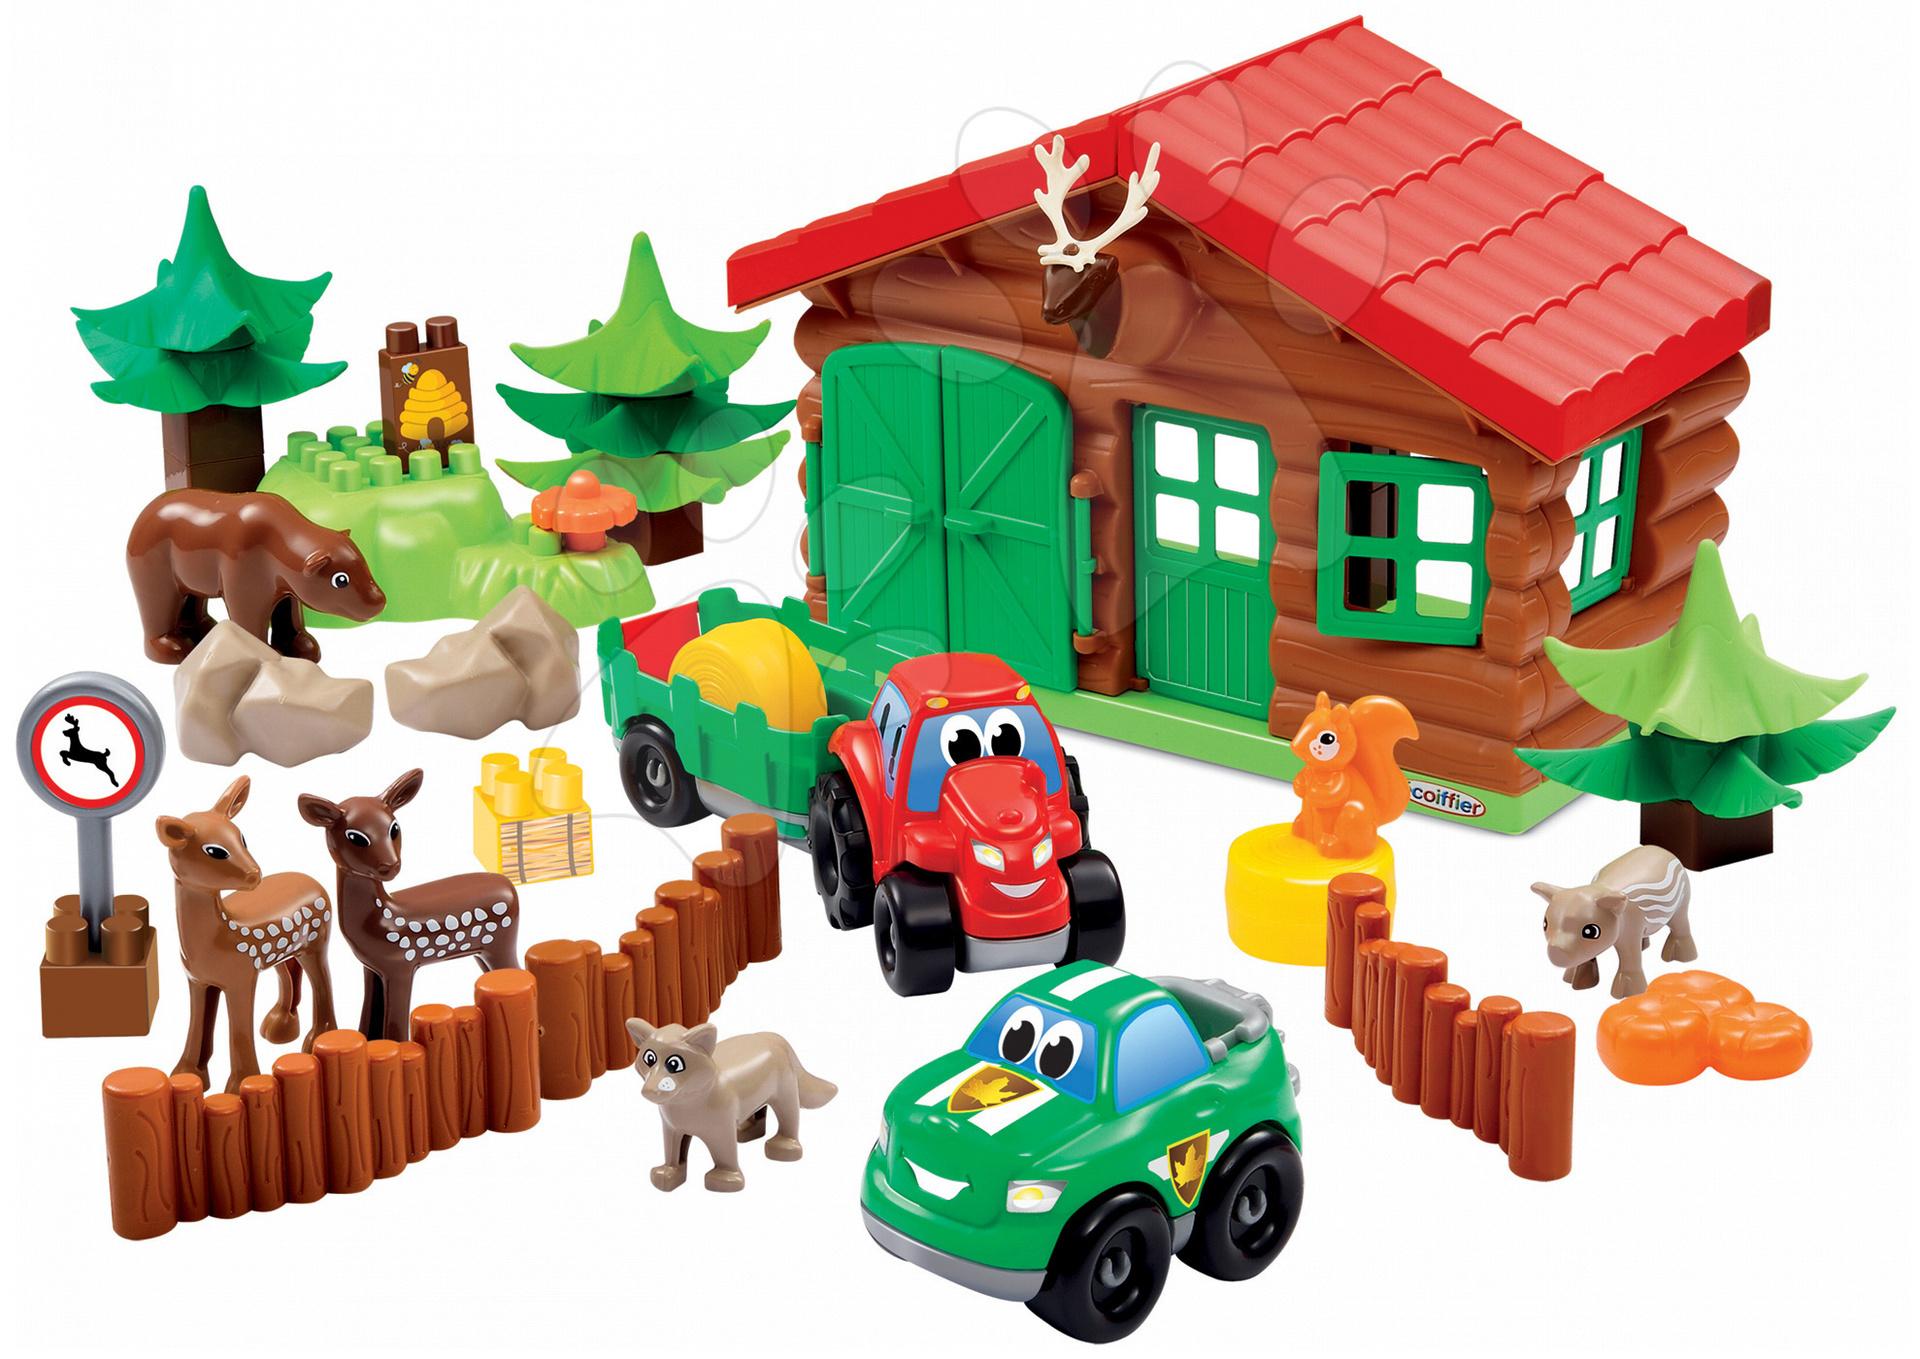 Stavebnice Abrick Hájovna Écoiffier 6 zvířátek a 2 autíčka od 18 měsíců